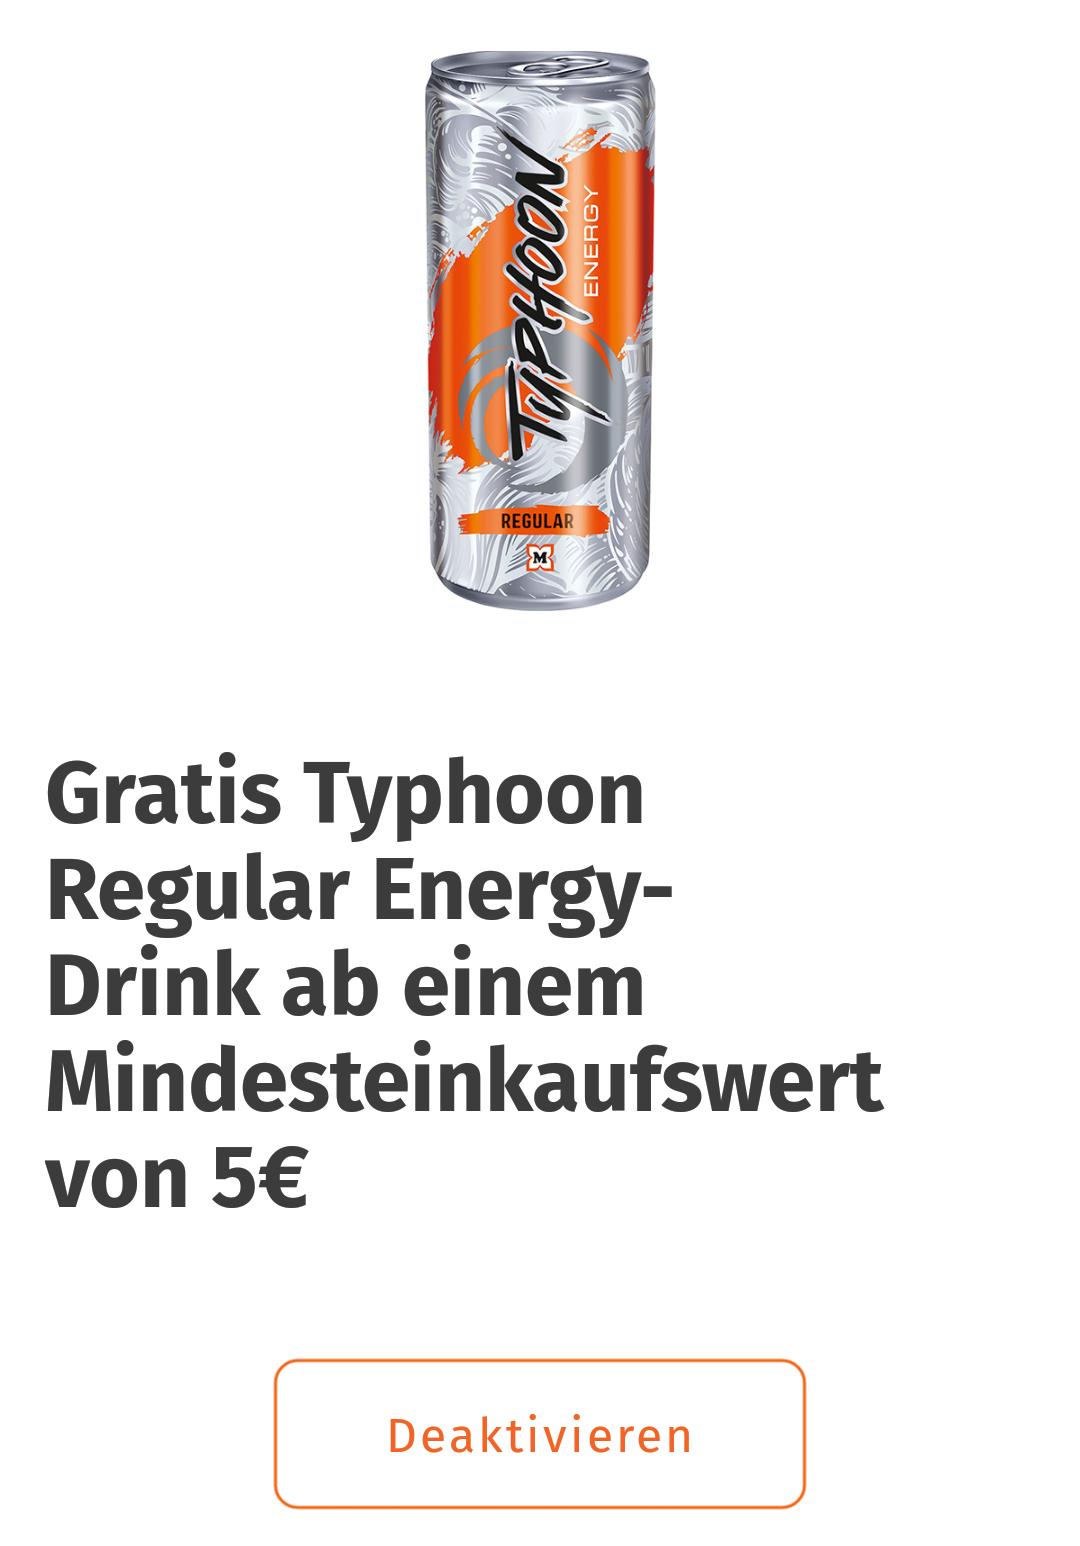 Gratis Typhoon Energydrink ab 5€ Einkaufswert bei Müller